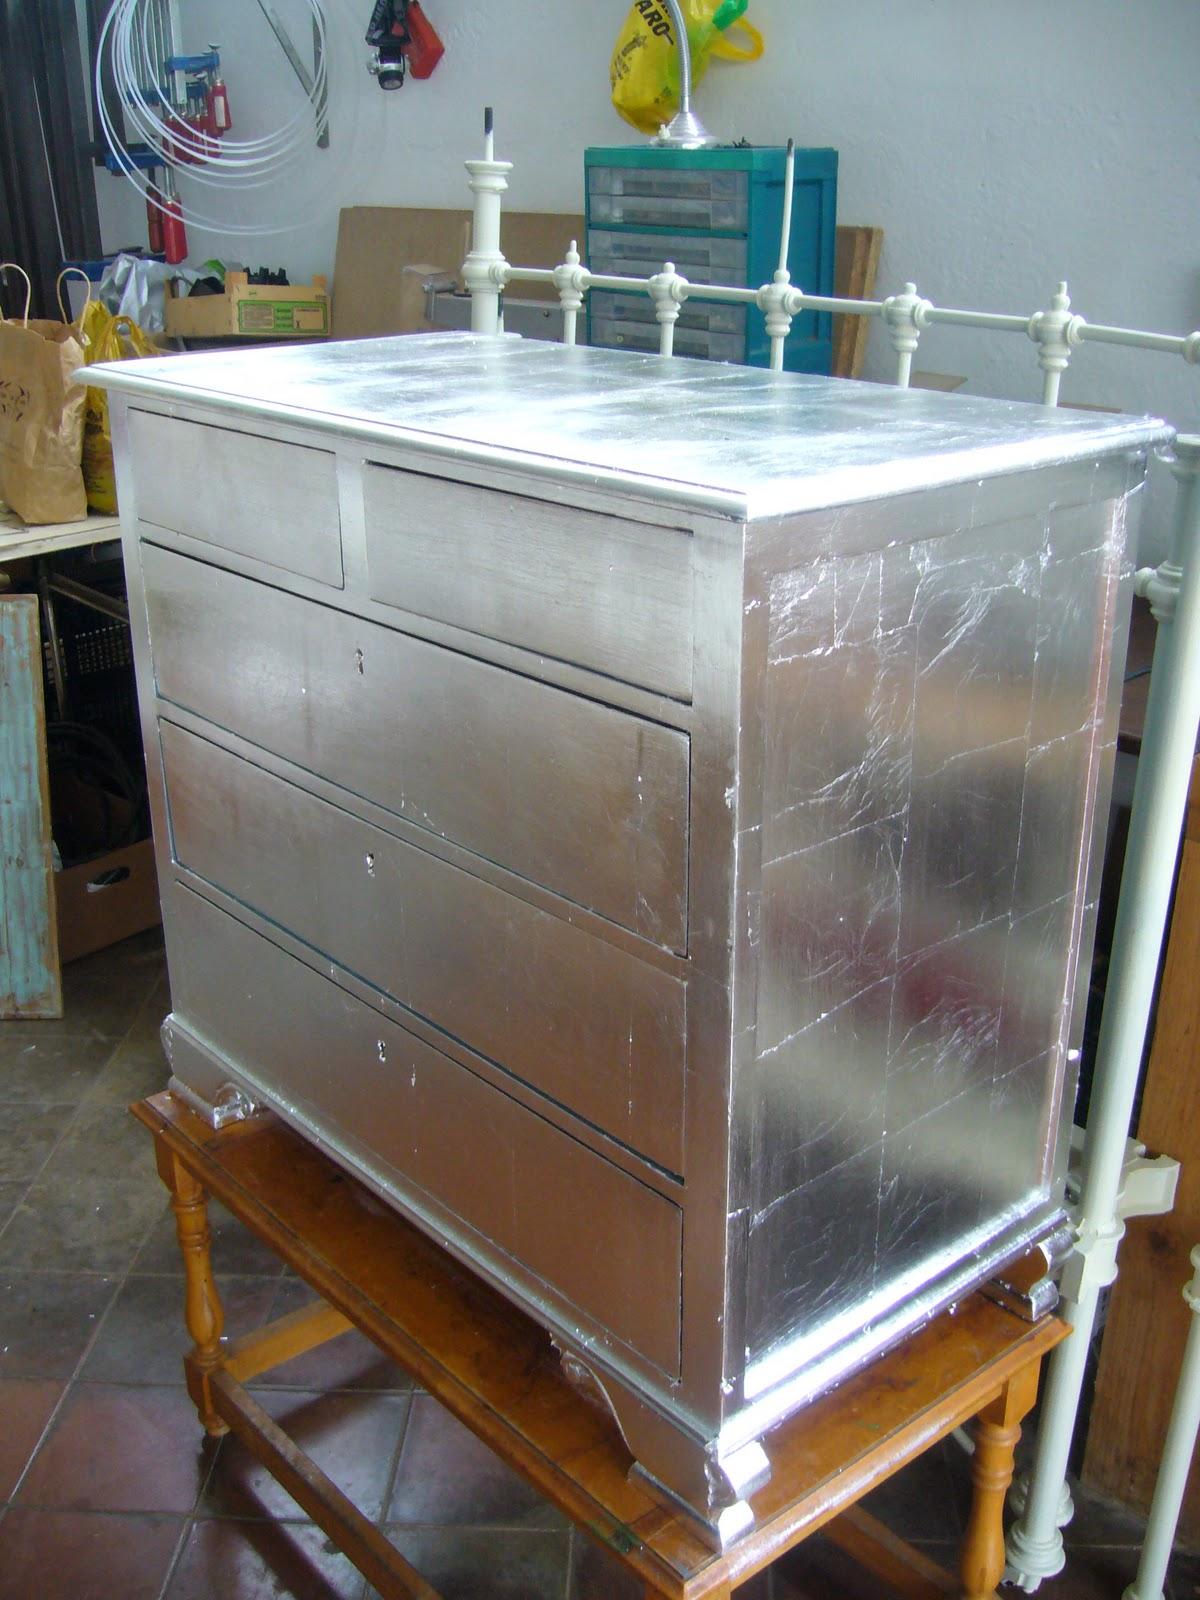 Mira como era comodita reciclada en plata la restauradora de la laguna - Muebles pintados en plata ...